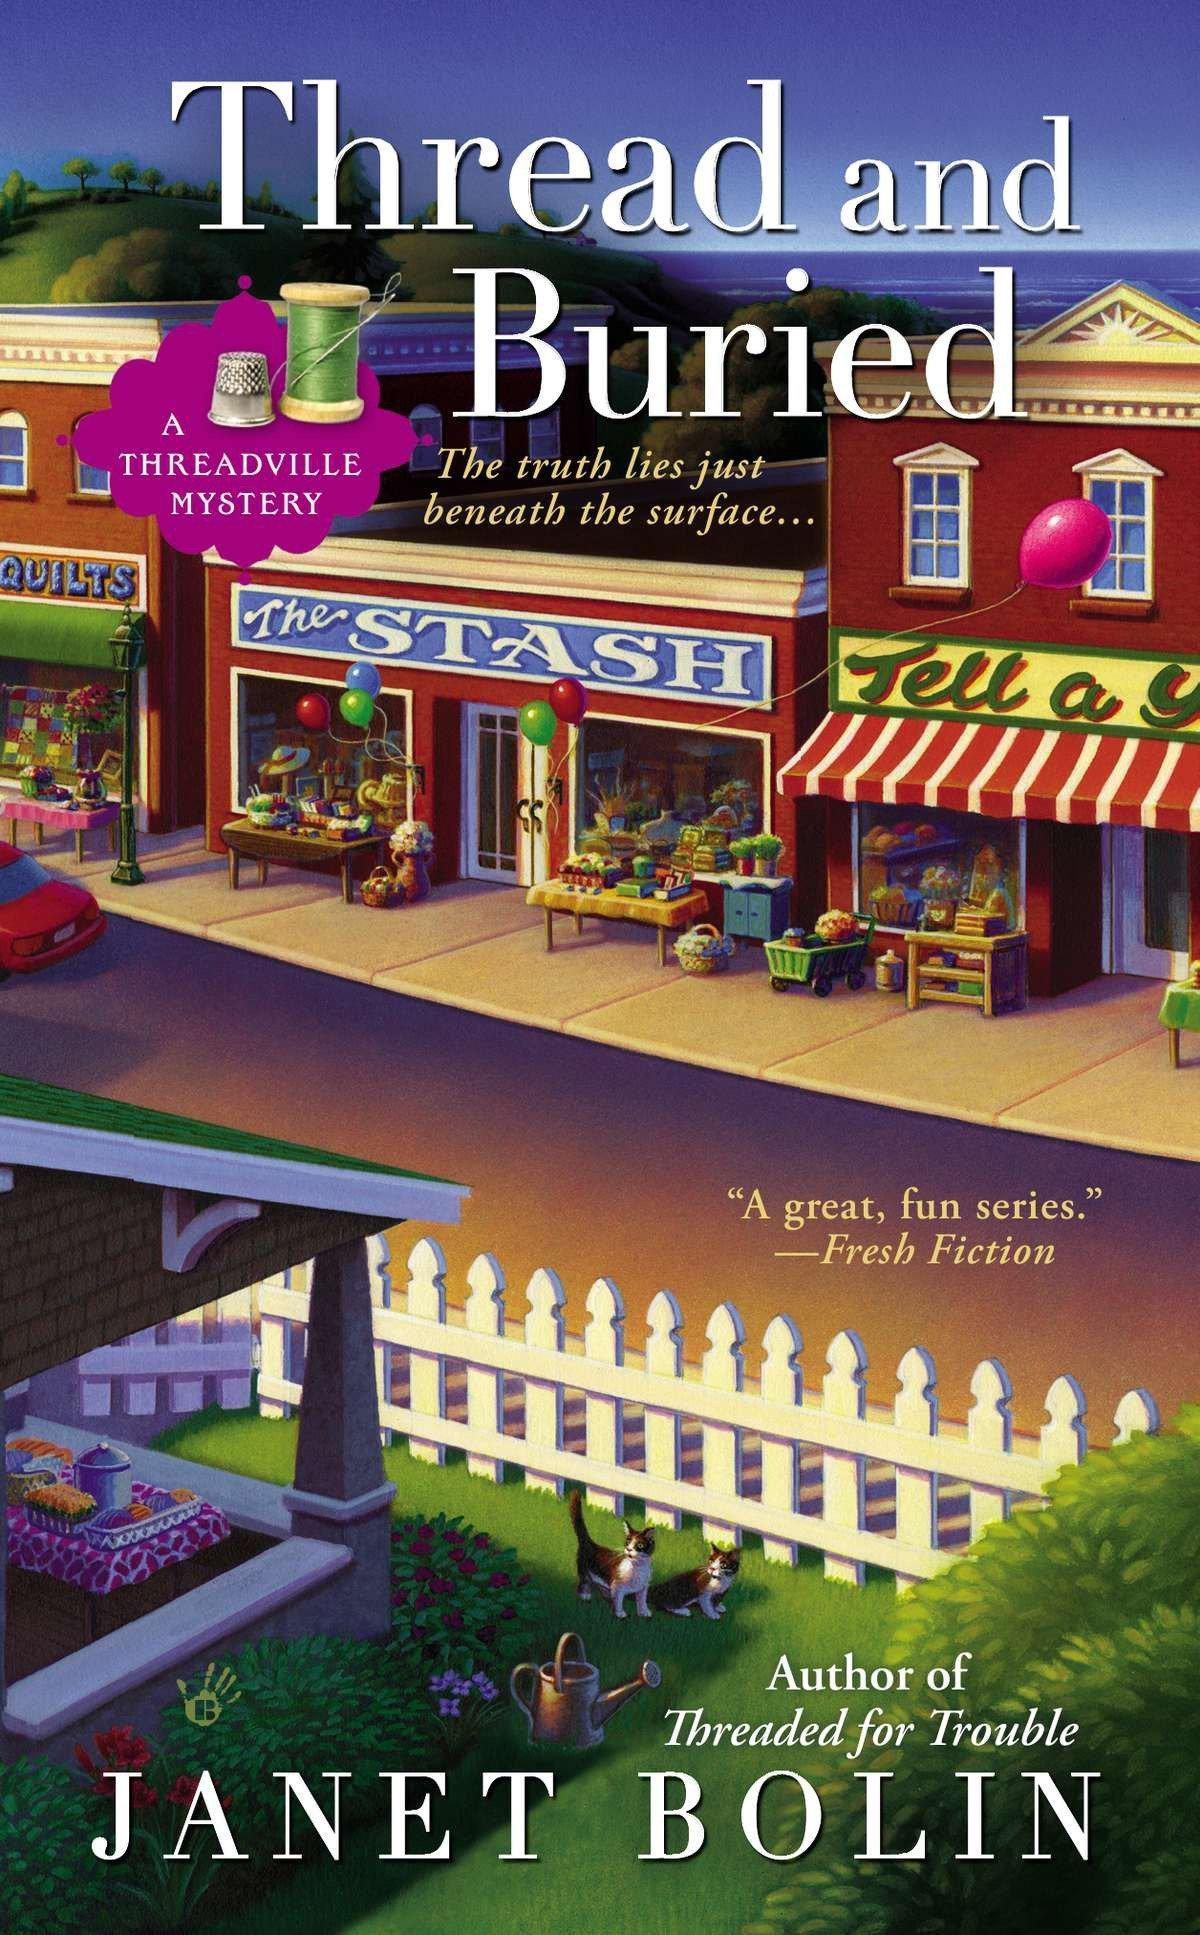 Thread and Buried (A Threadville Mystery) ebook